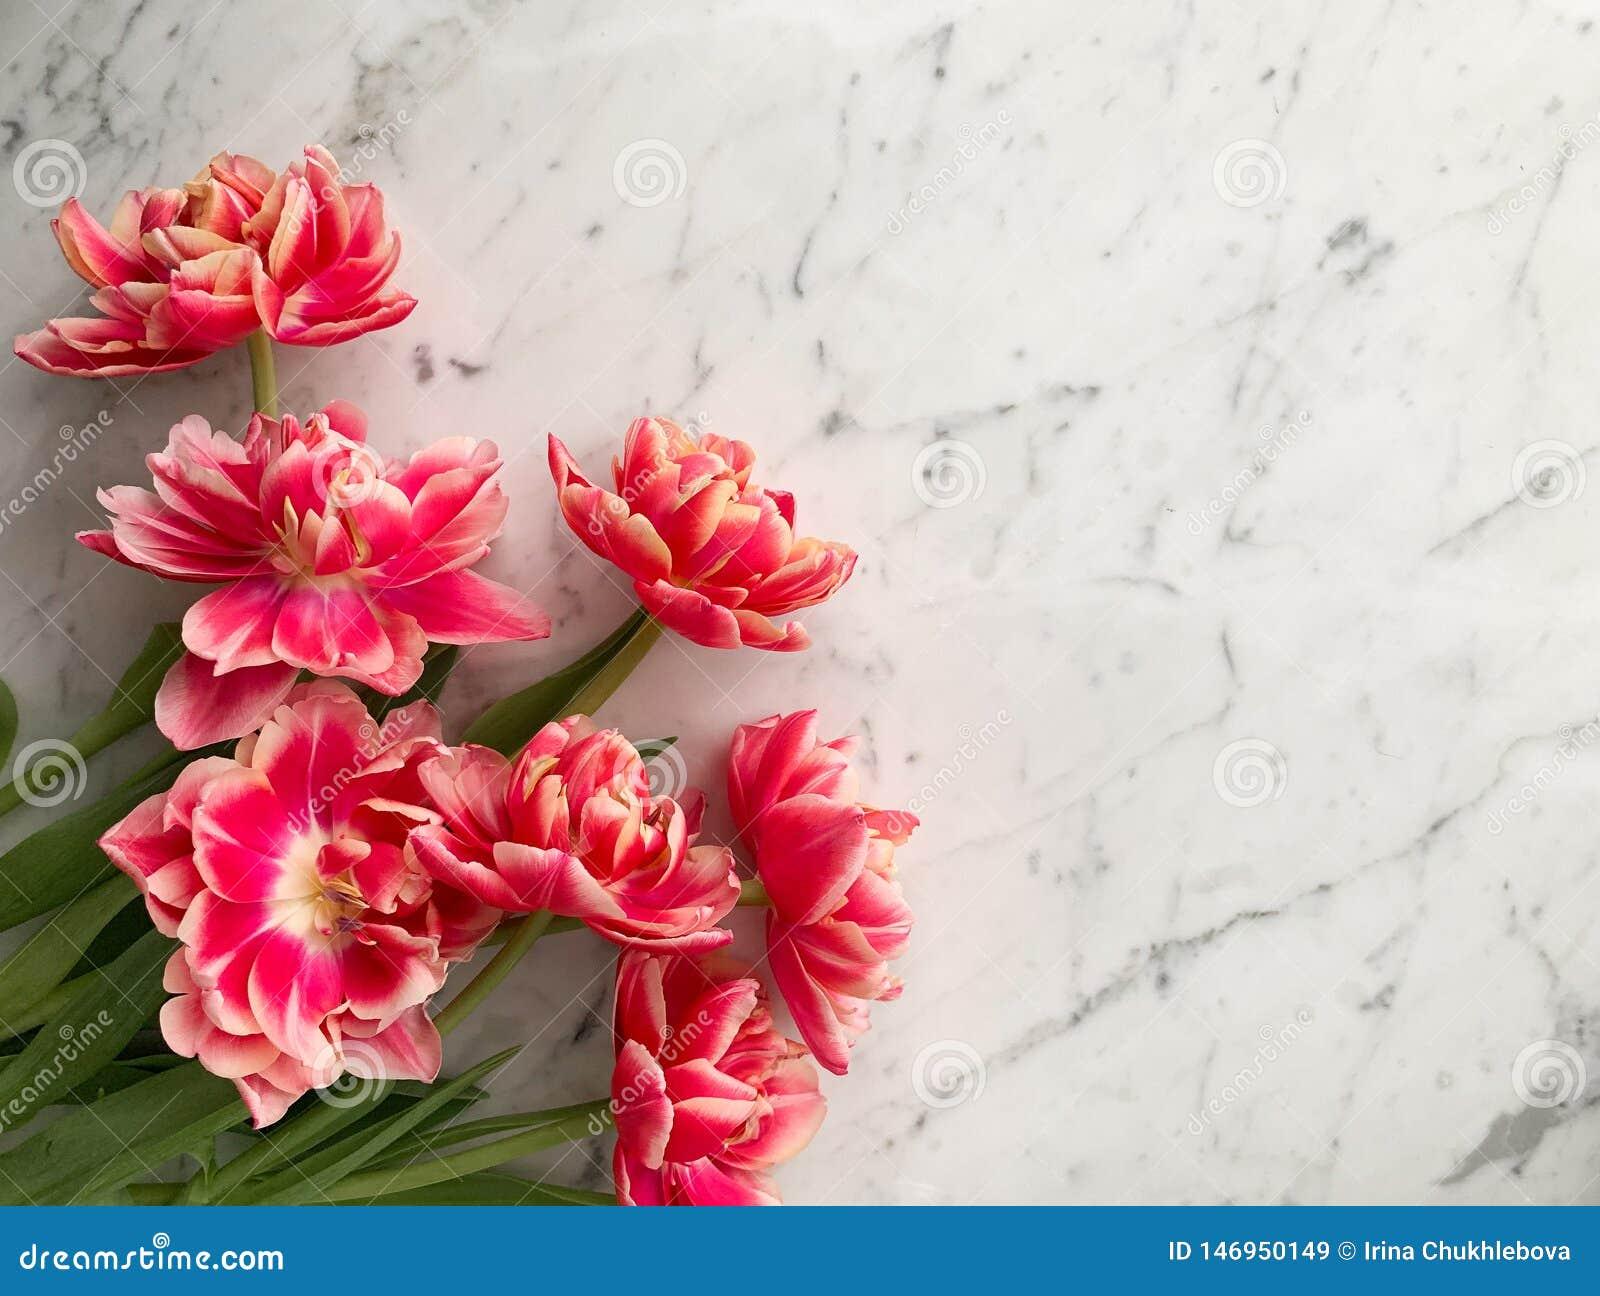 Groupe de rose fraîche et de tulipes roses de pivoine des Pays-Bas sur le fond de table de marbre blanc et gris, vue supérieure